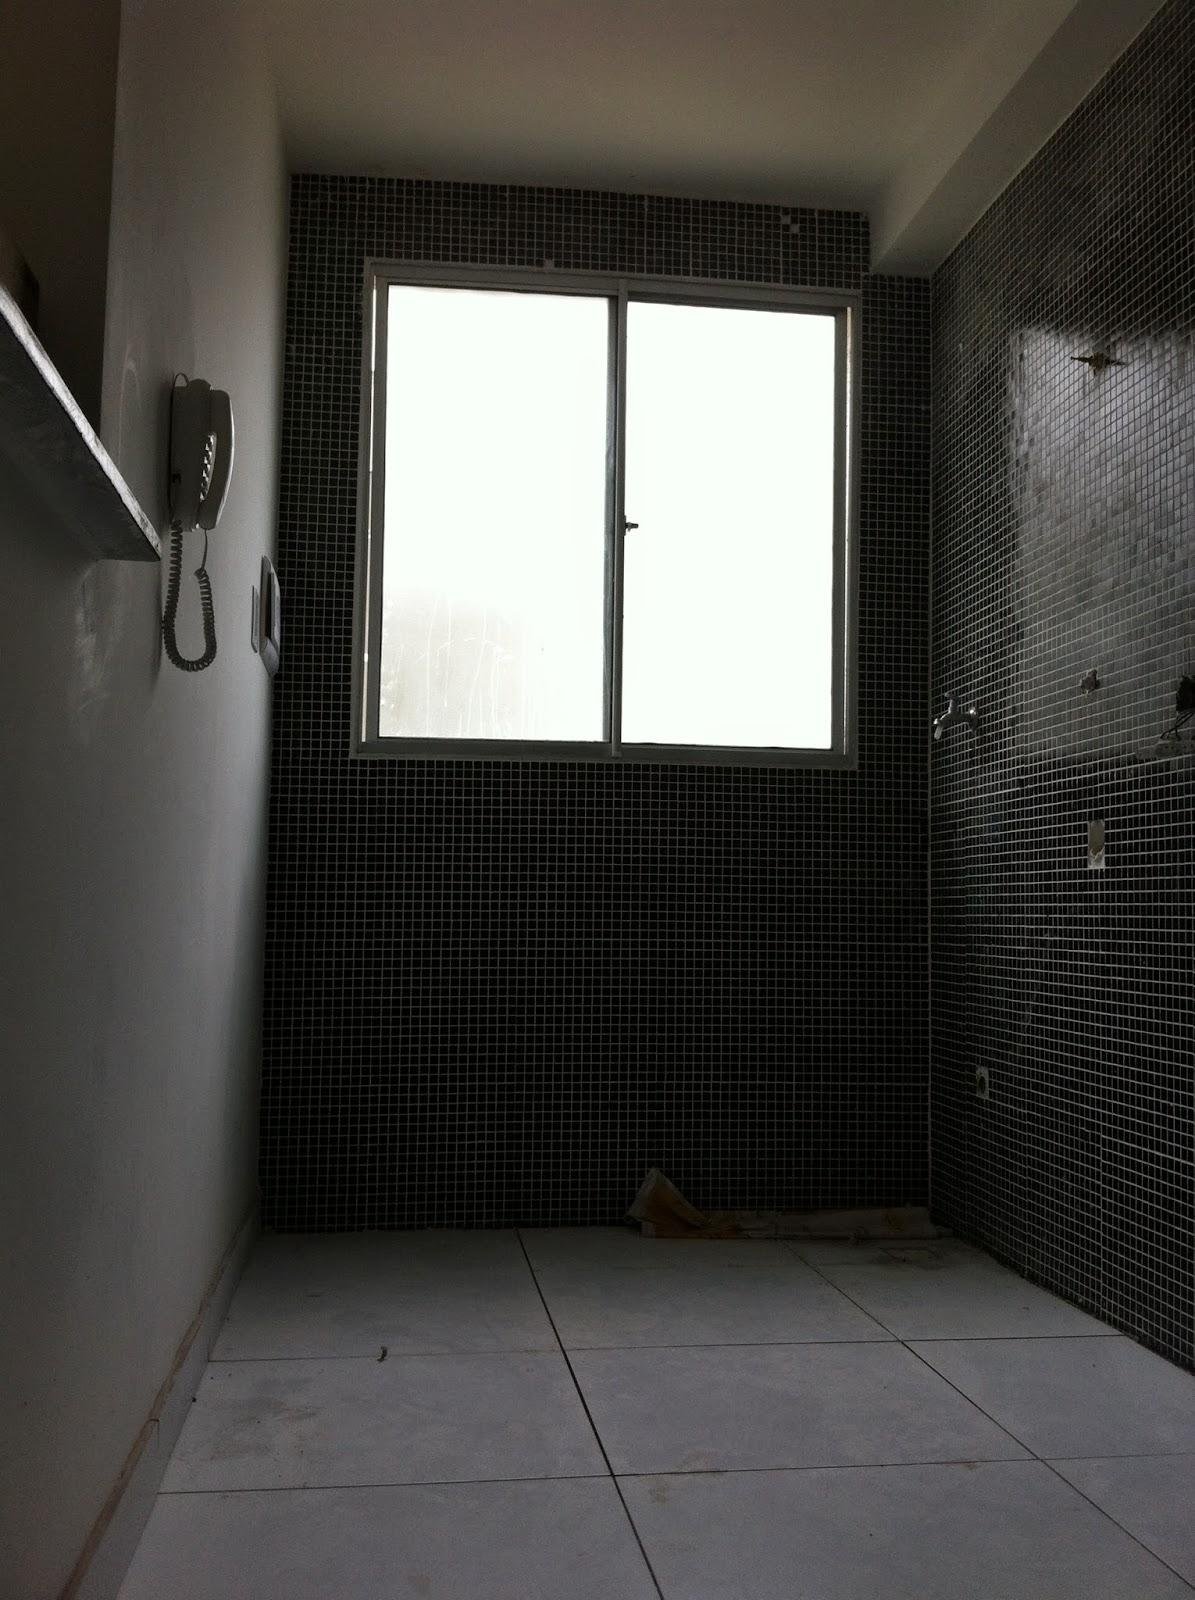 piso é o Porcelanato Acetinado Bold Project Neve Branco de 58x58cm  #3E8D3E 1195x1600 Banheiro Com Porcelanato Acetinado